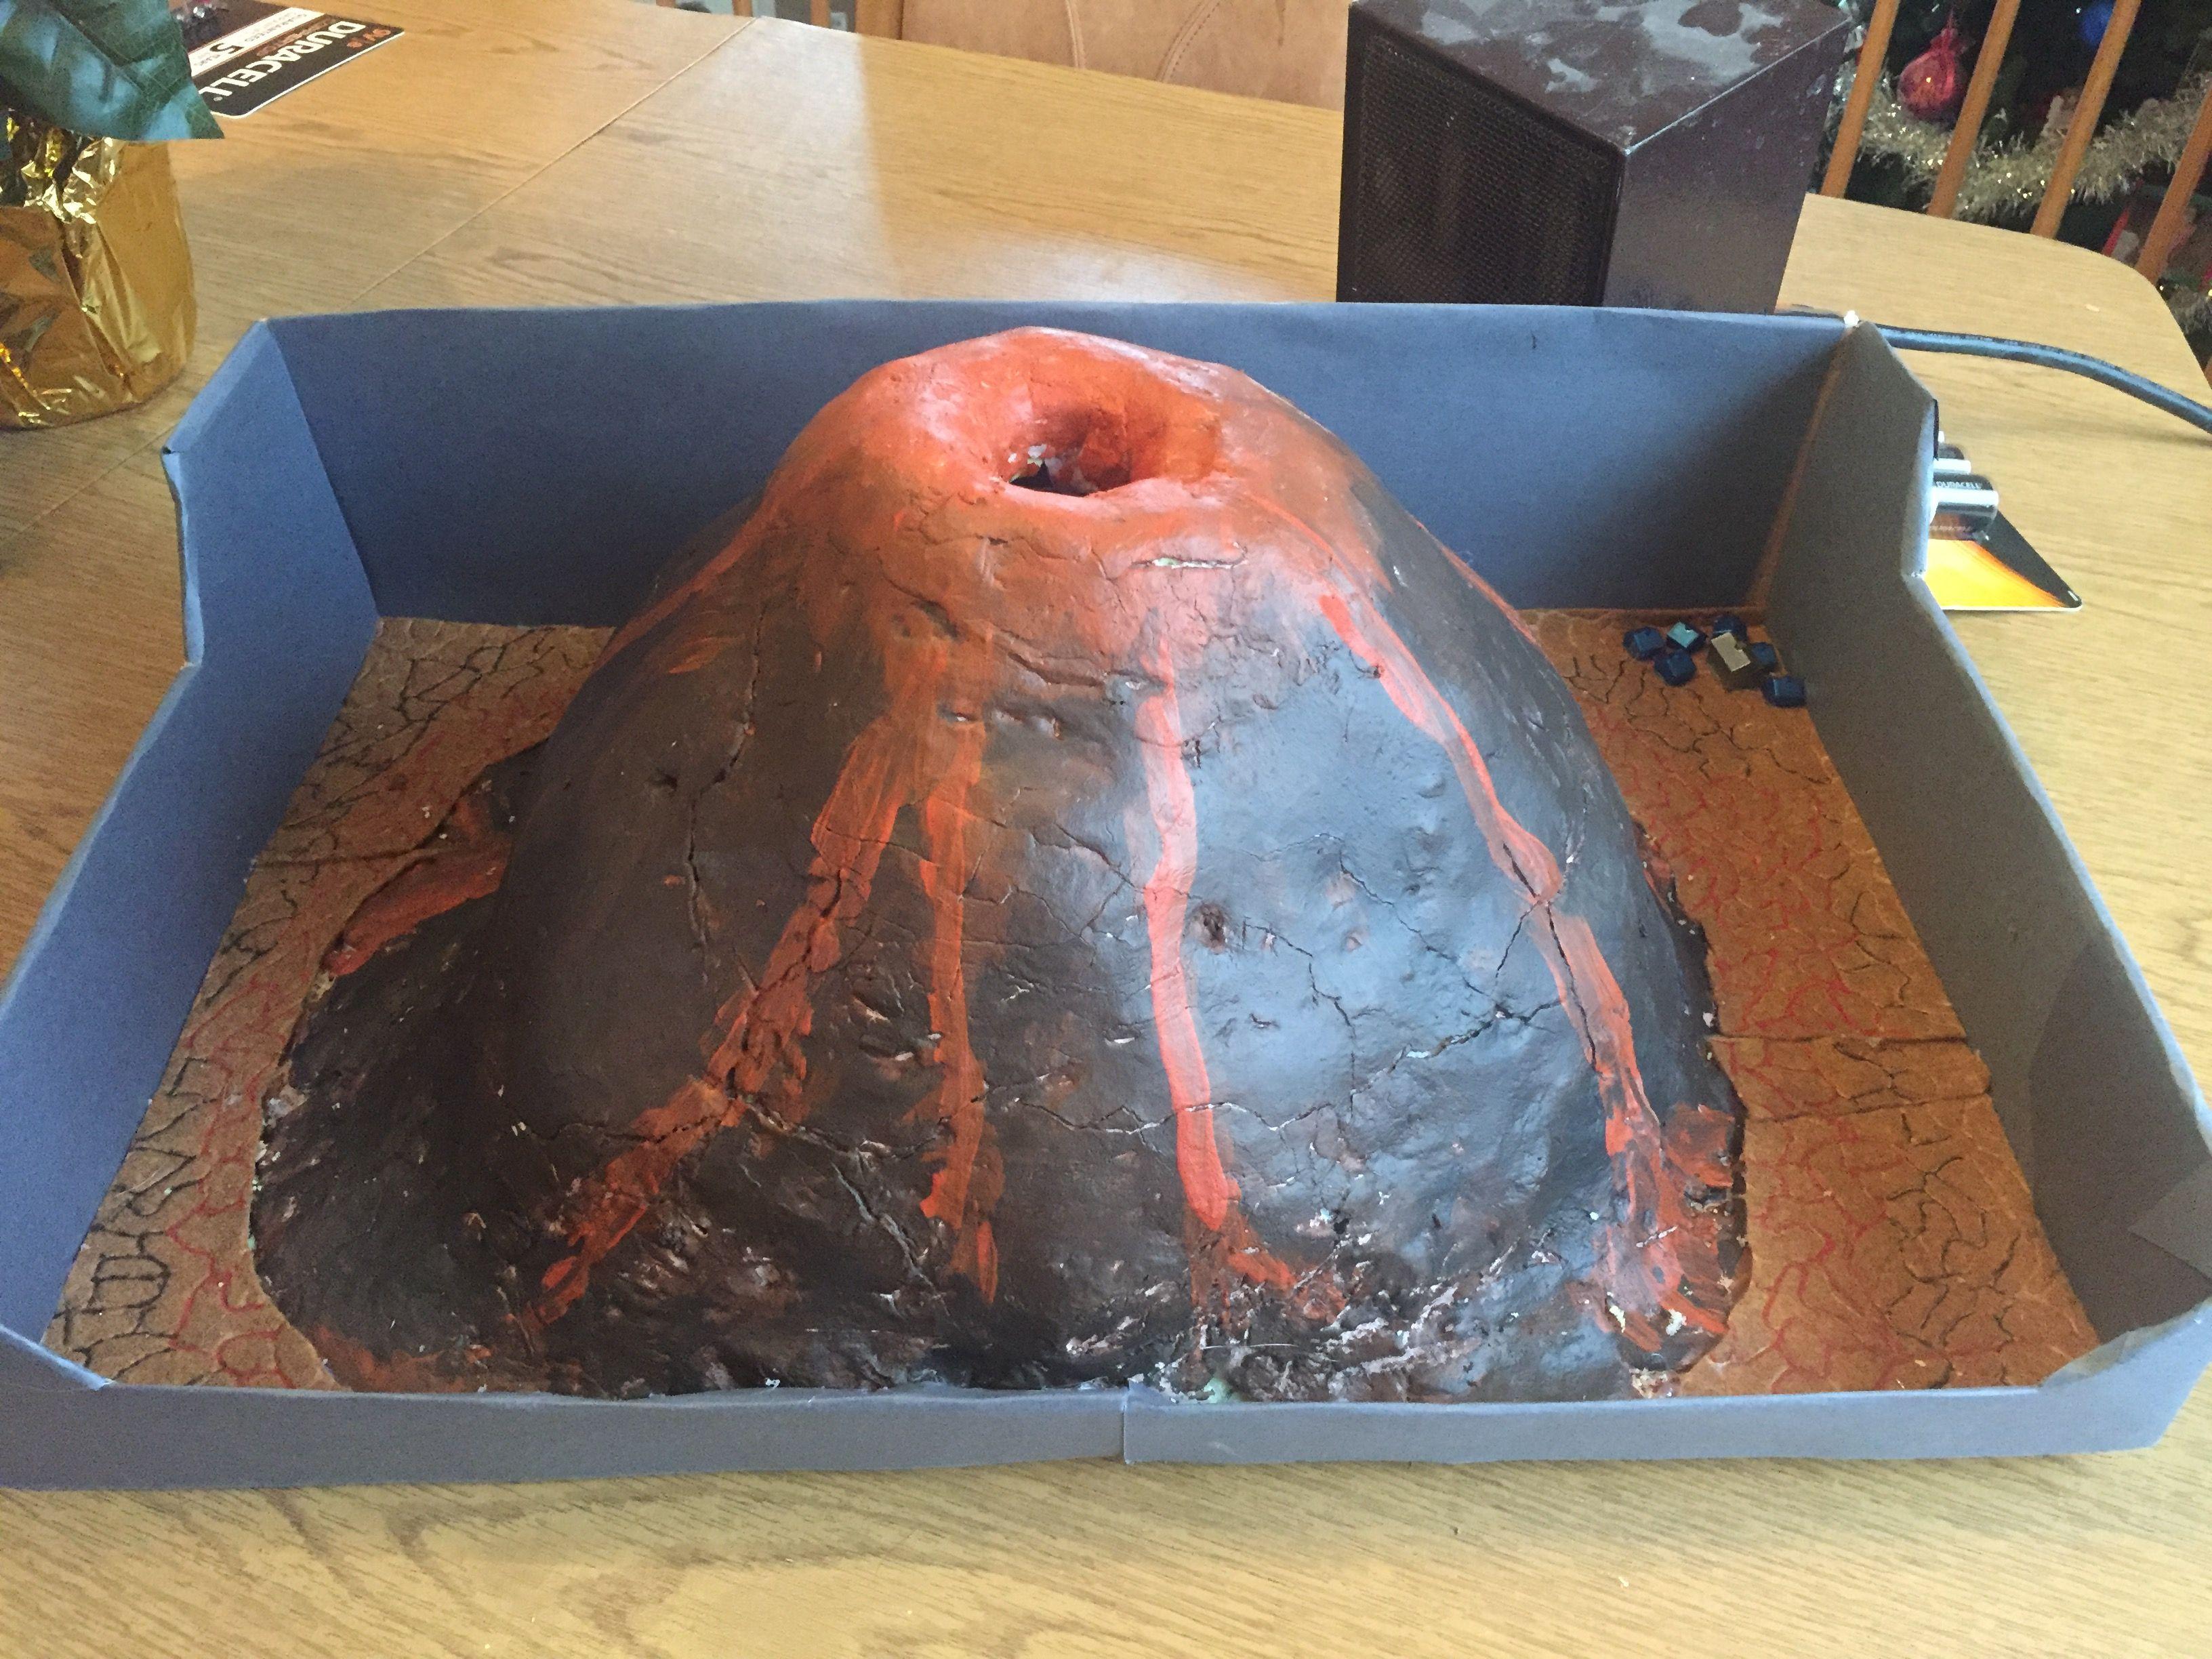 Mt Vesuvius Volcano and Pompeii | Volcano projects, Pompeii ...